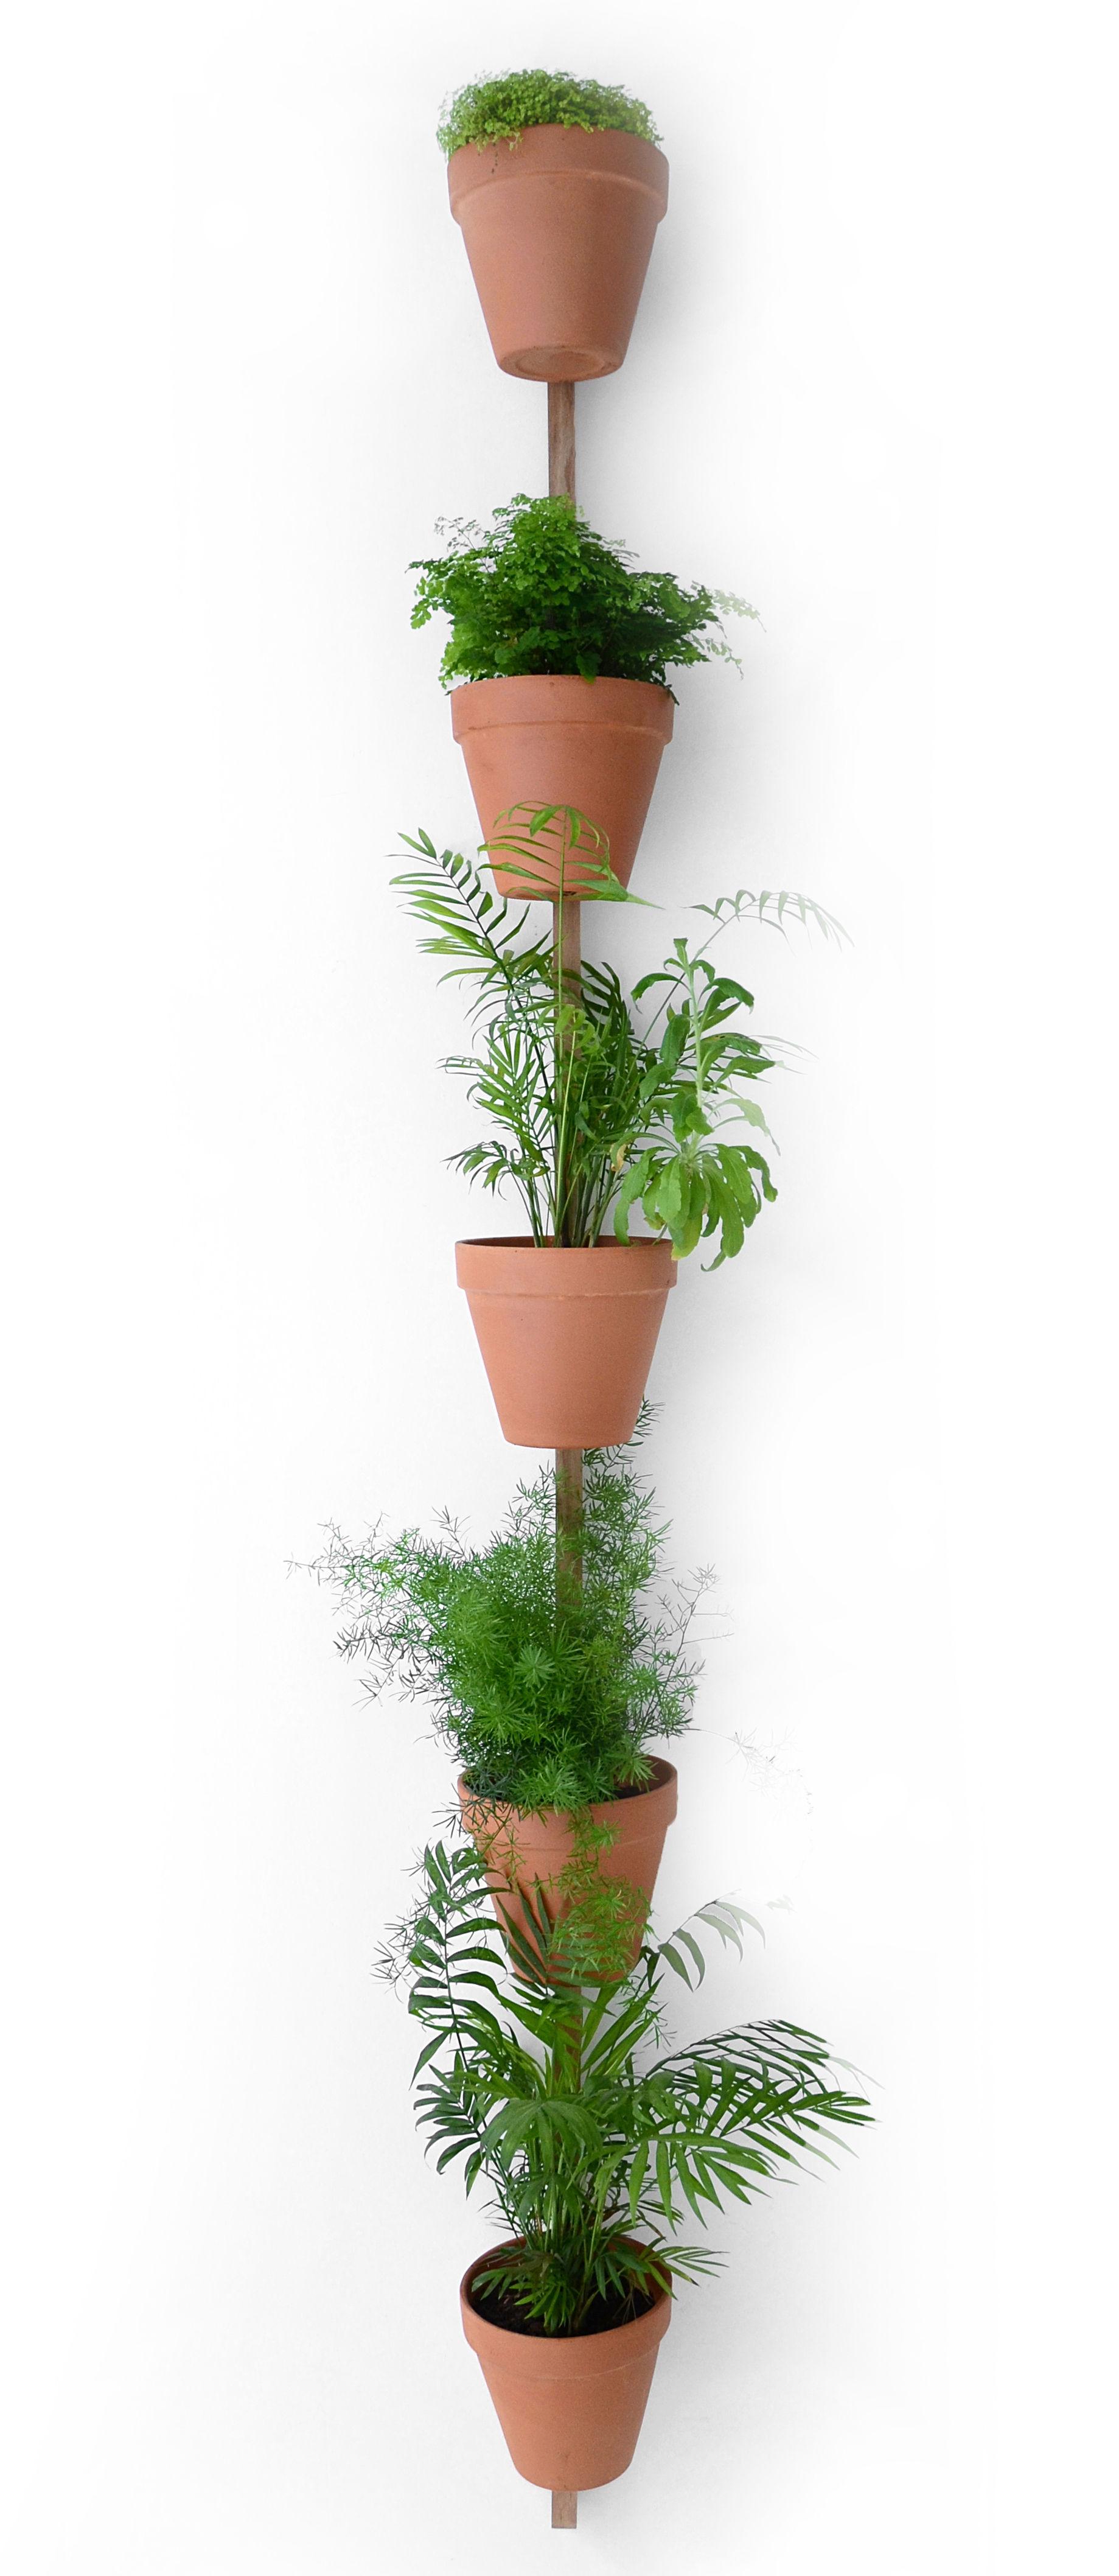 Déco - Pots et plantes - Support mural XPOT / Pour 5 pots ou étagères de fleurs - H 250 cm - Compagnie - Chêne naturel - Chêne massif